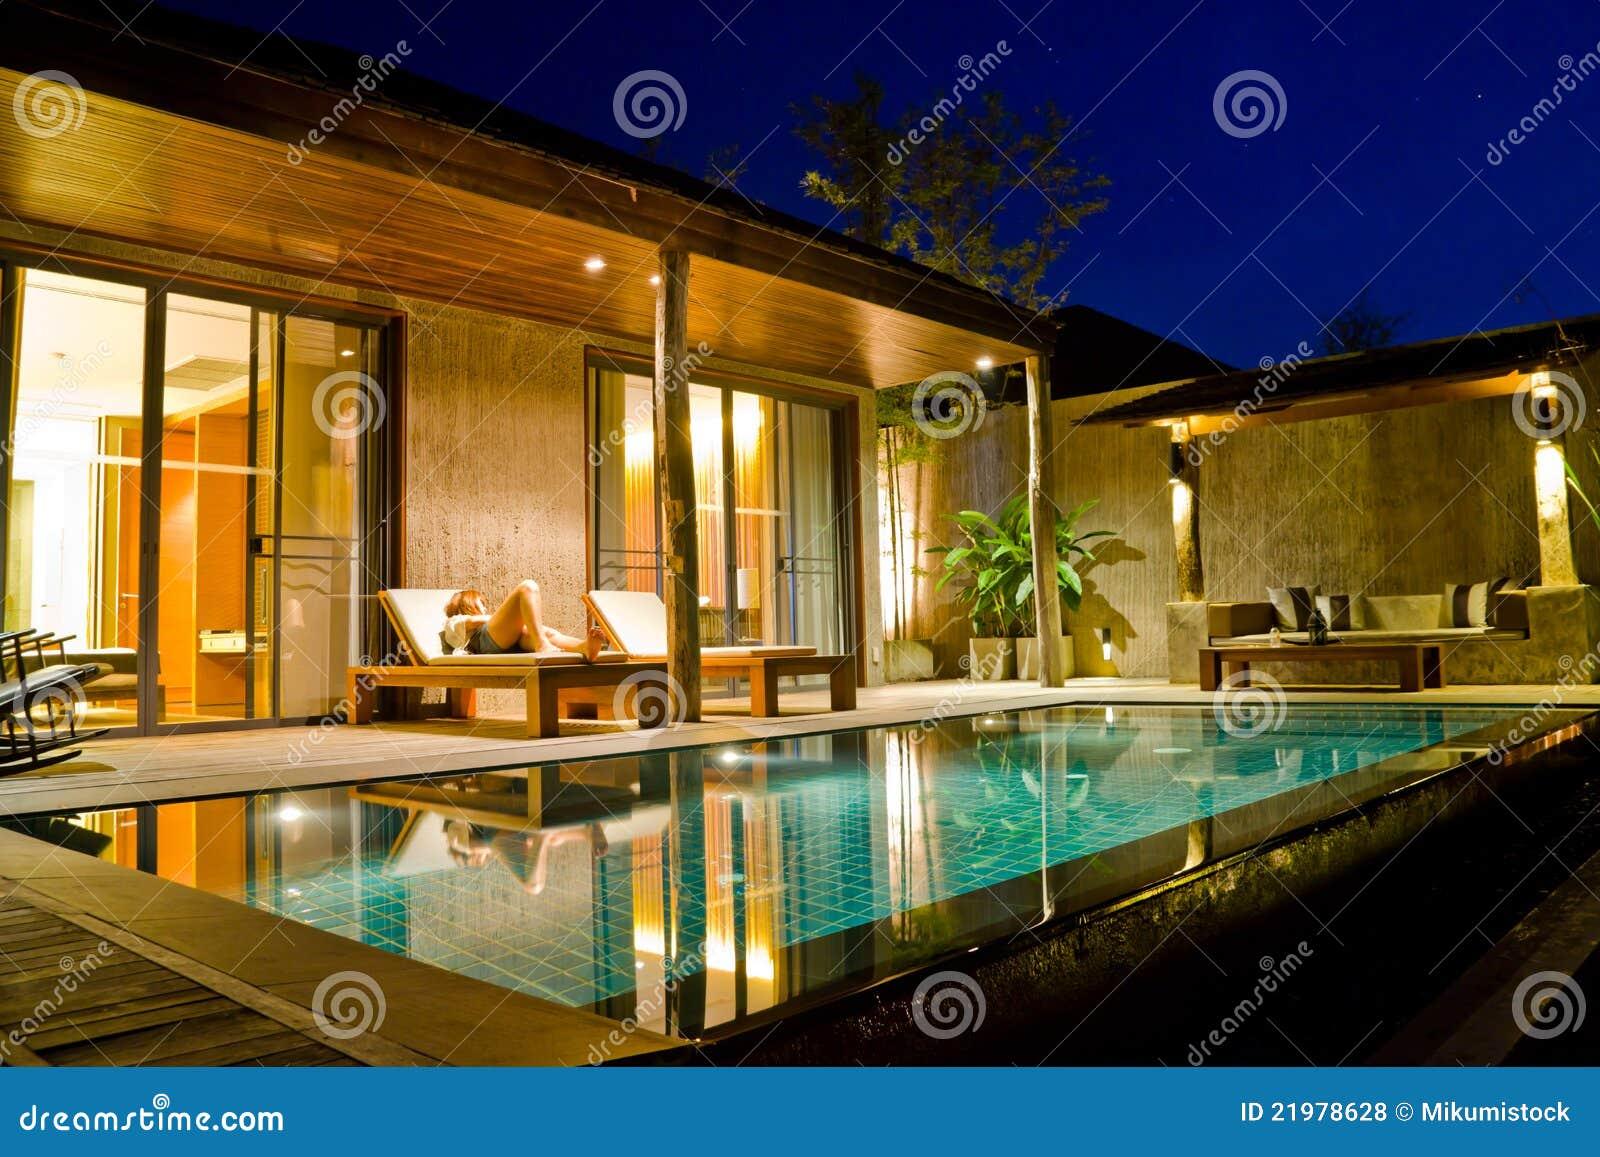 Casa moderna com piscina foto de stock imagem de moderno for Casa moderna con piscina